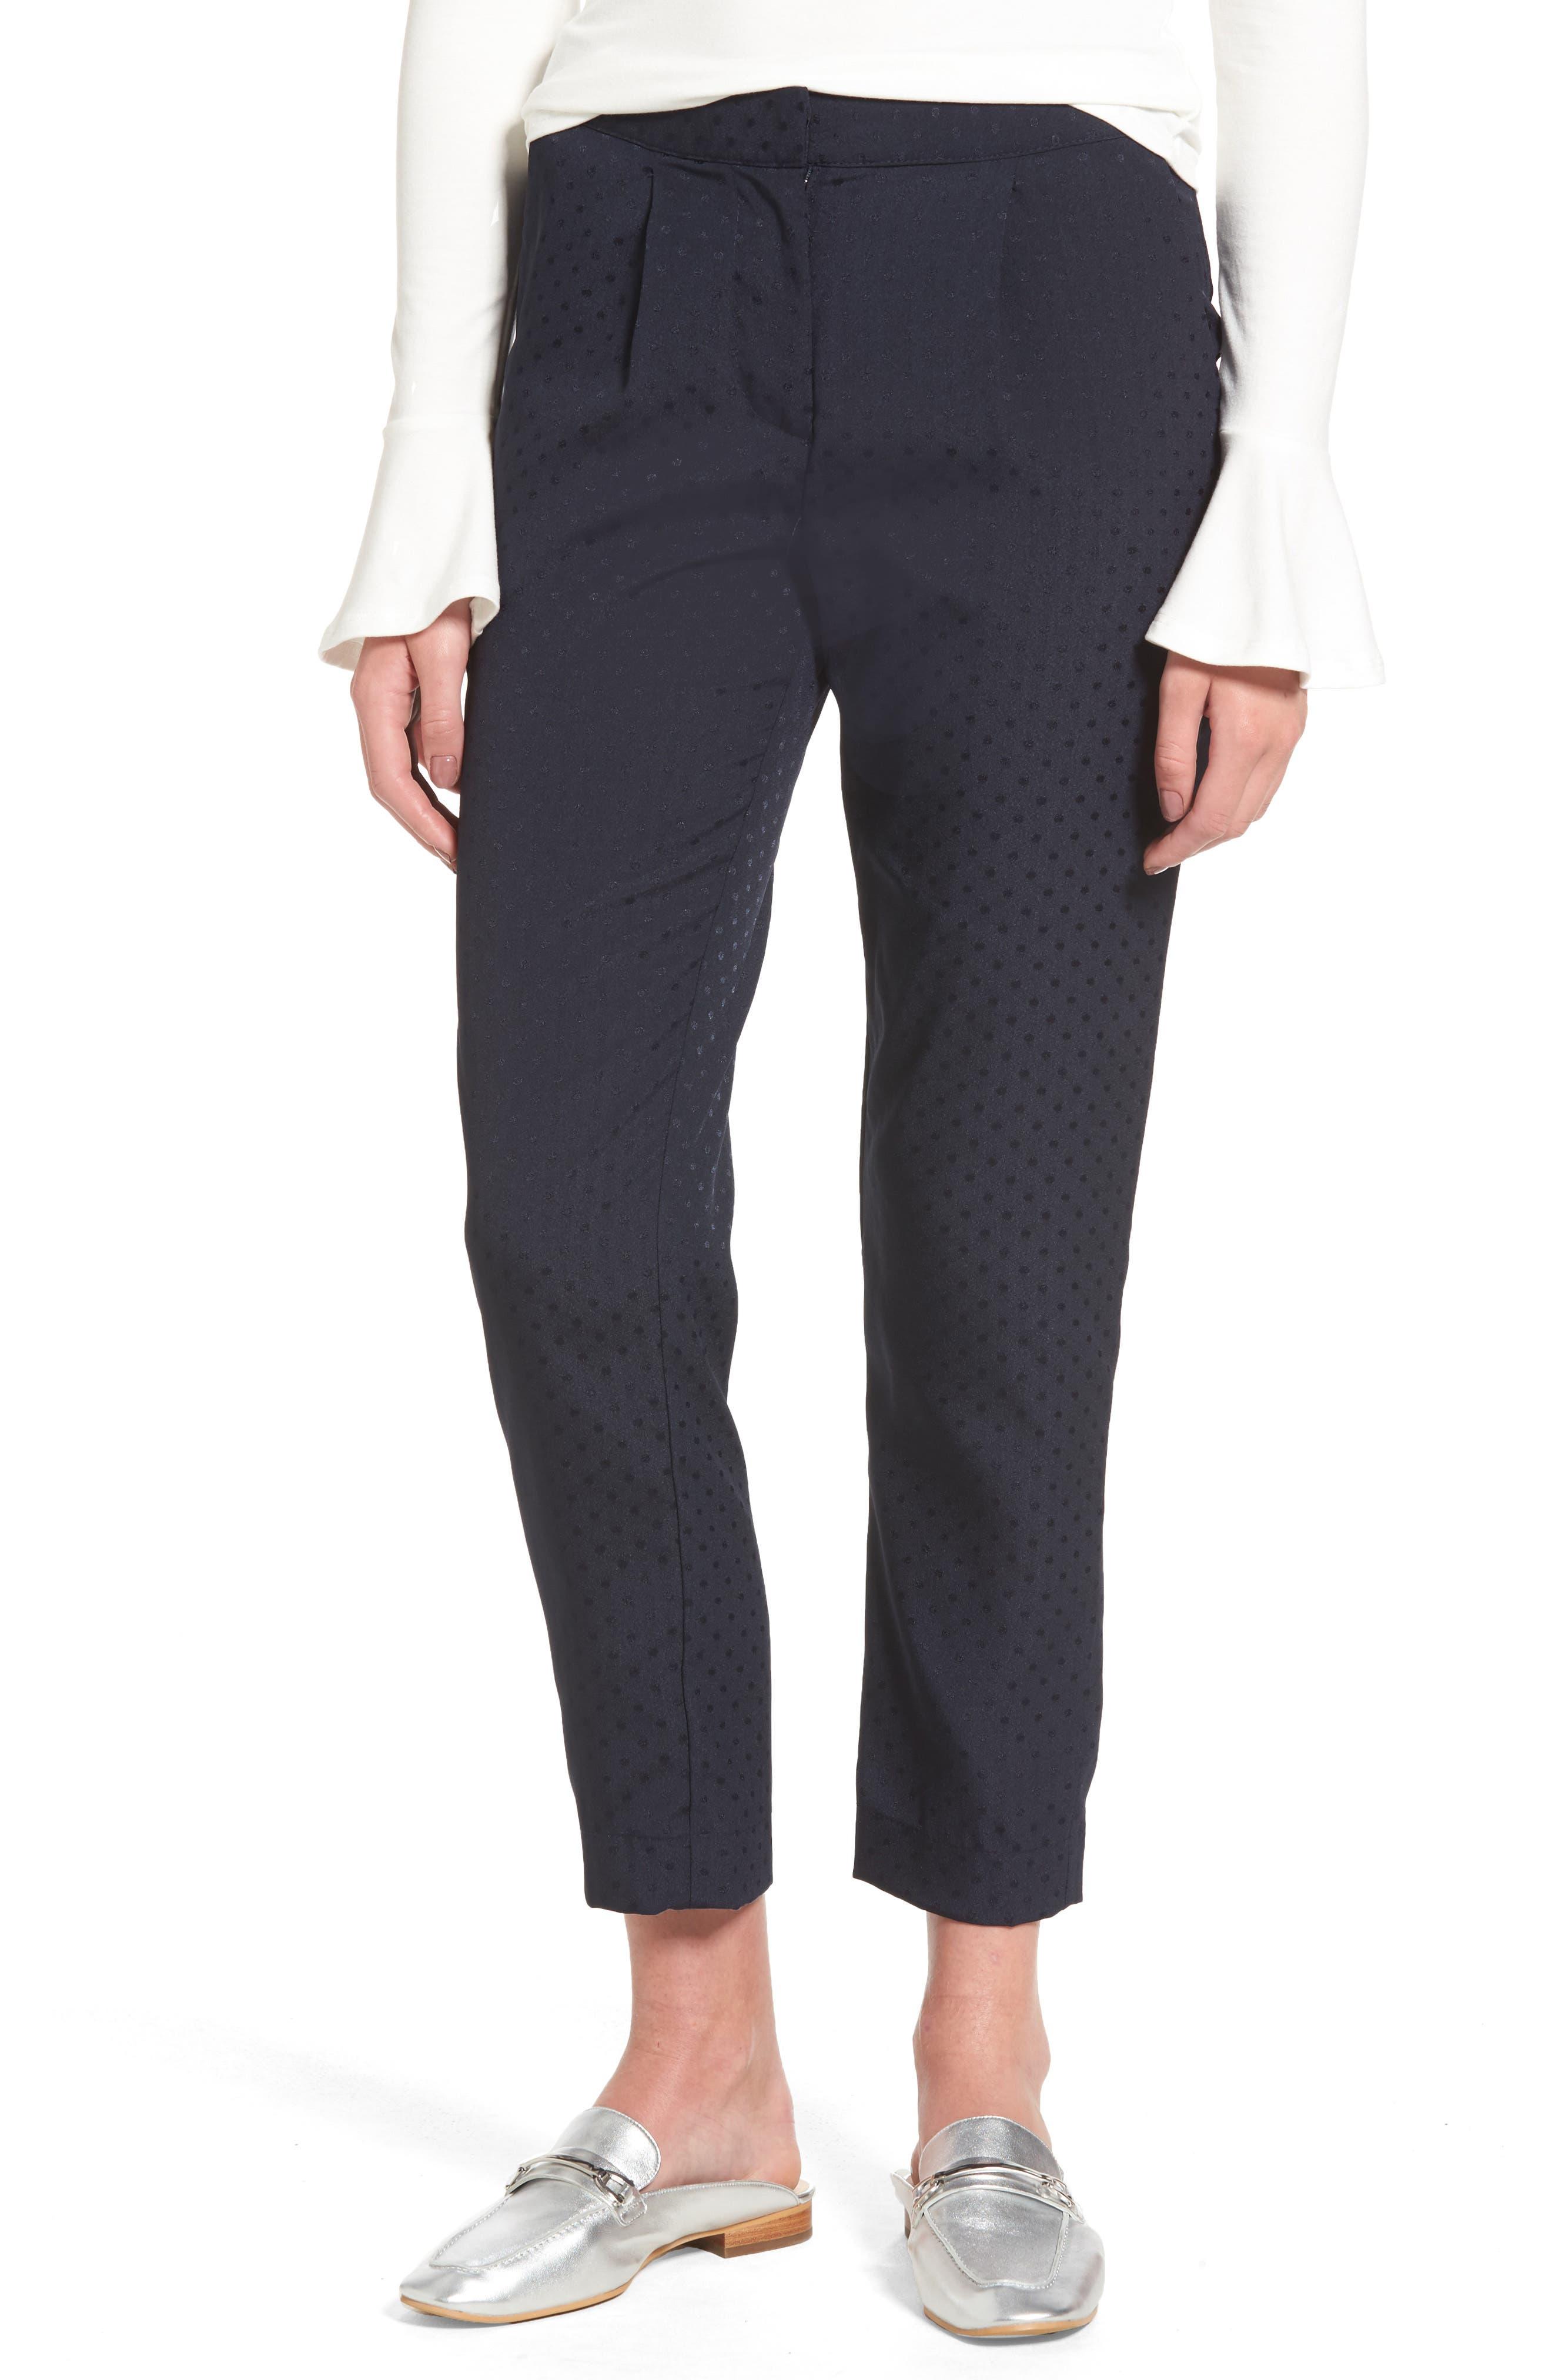 Alternate Image 1 Selected - Willow & Clay Tonal Dot Slim Pants